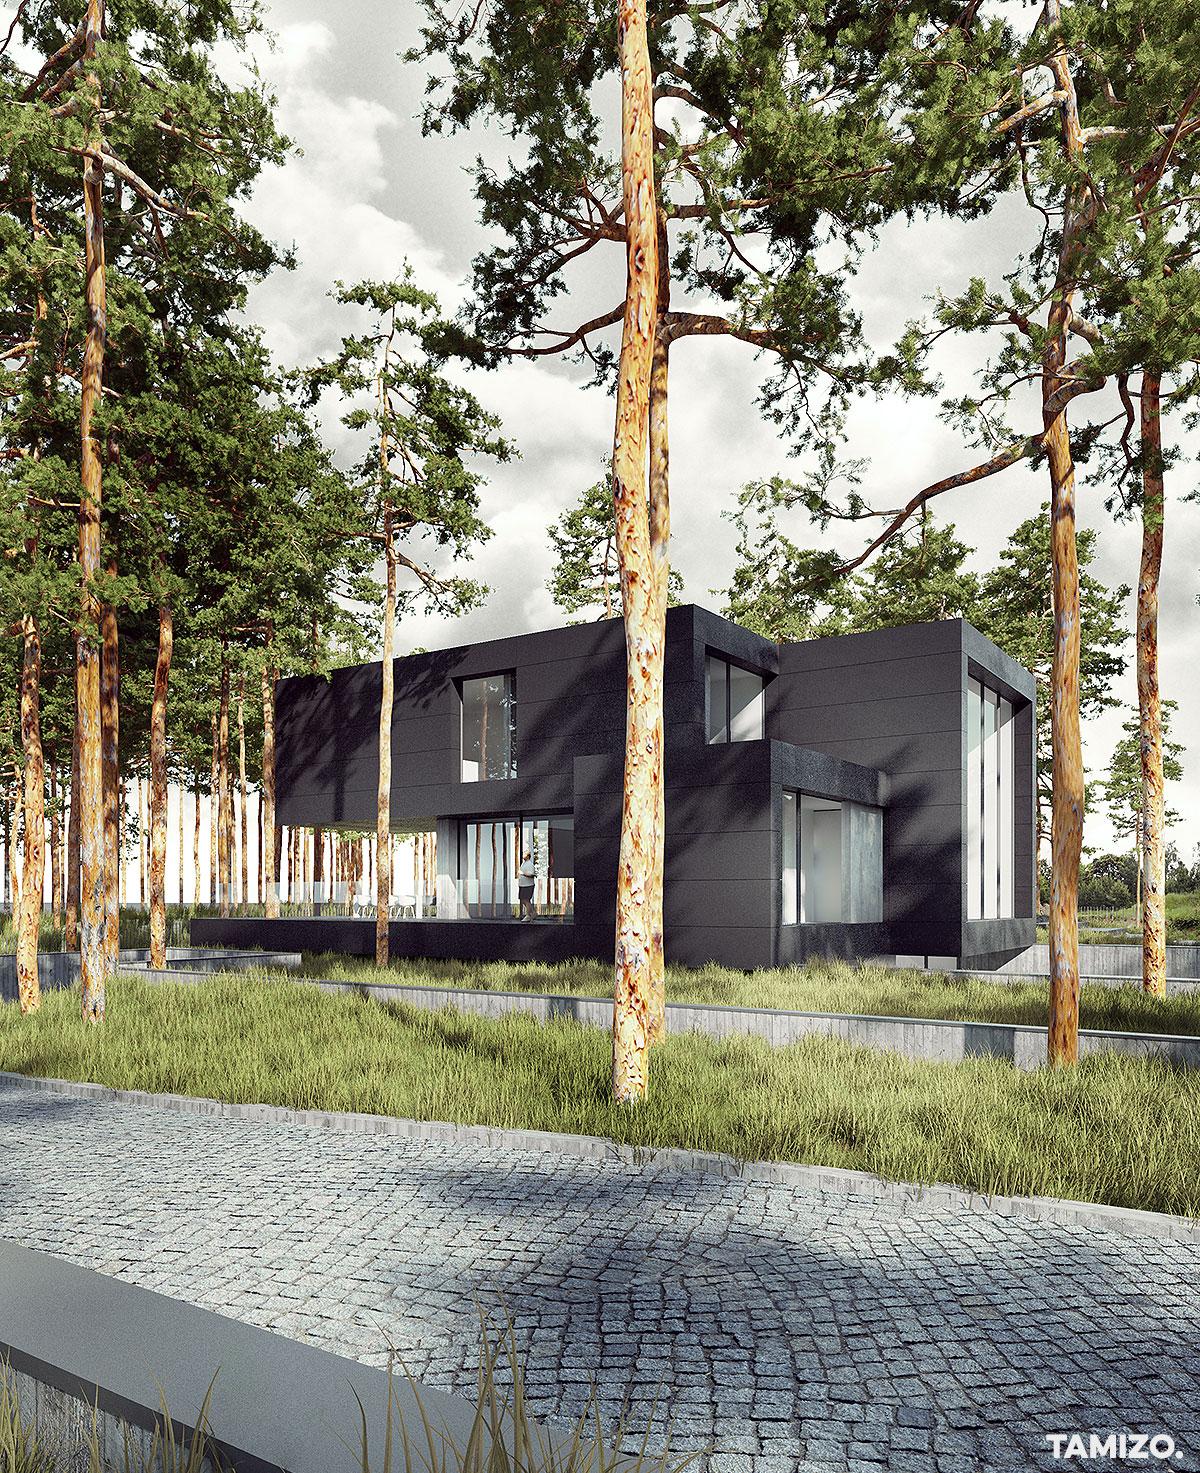 A062_tamizo_architcts_dune_house_projekt_dom_na_wydmie_rezydencja_baltyk_wybrzeze_06